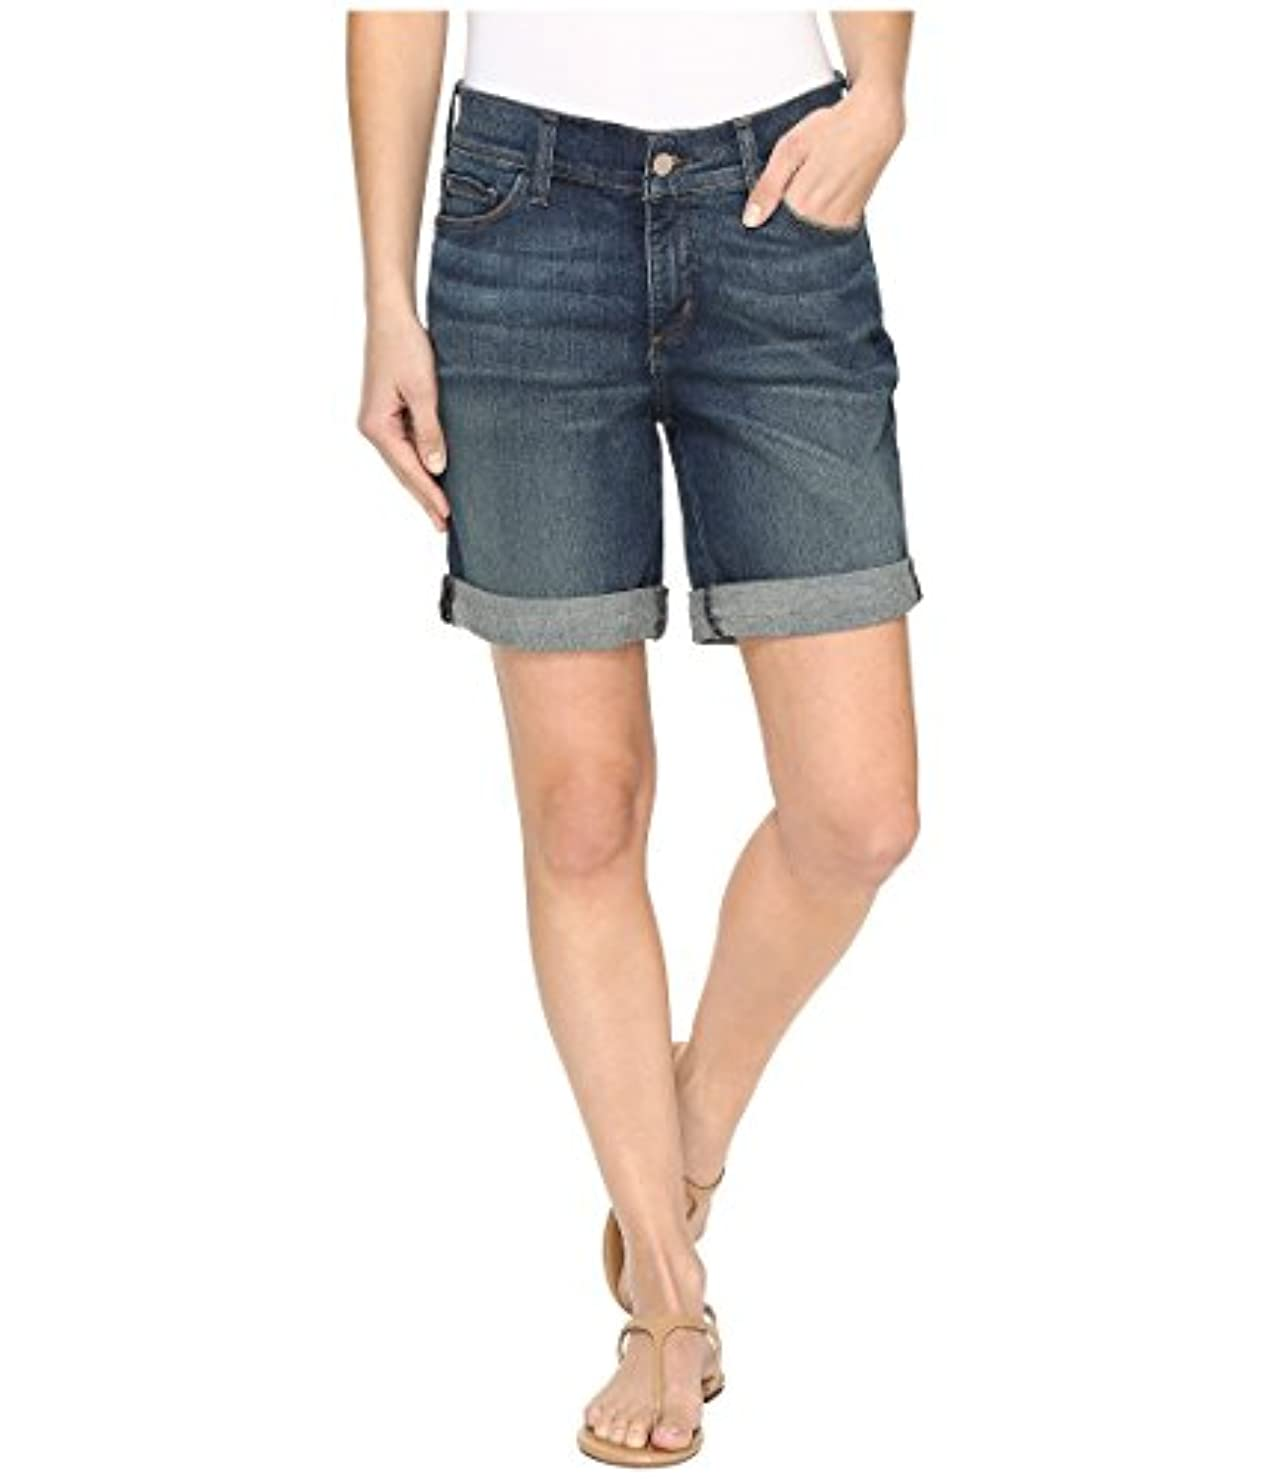 ユーモア増幅器忠実に[エヌワイディジェイ] NYDJ レディース Jessica Boyfriend Shorts in Oak Hill パンツ [並行輸入品]